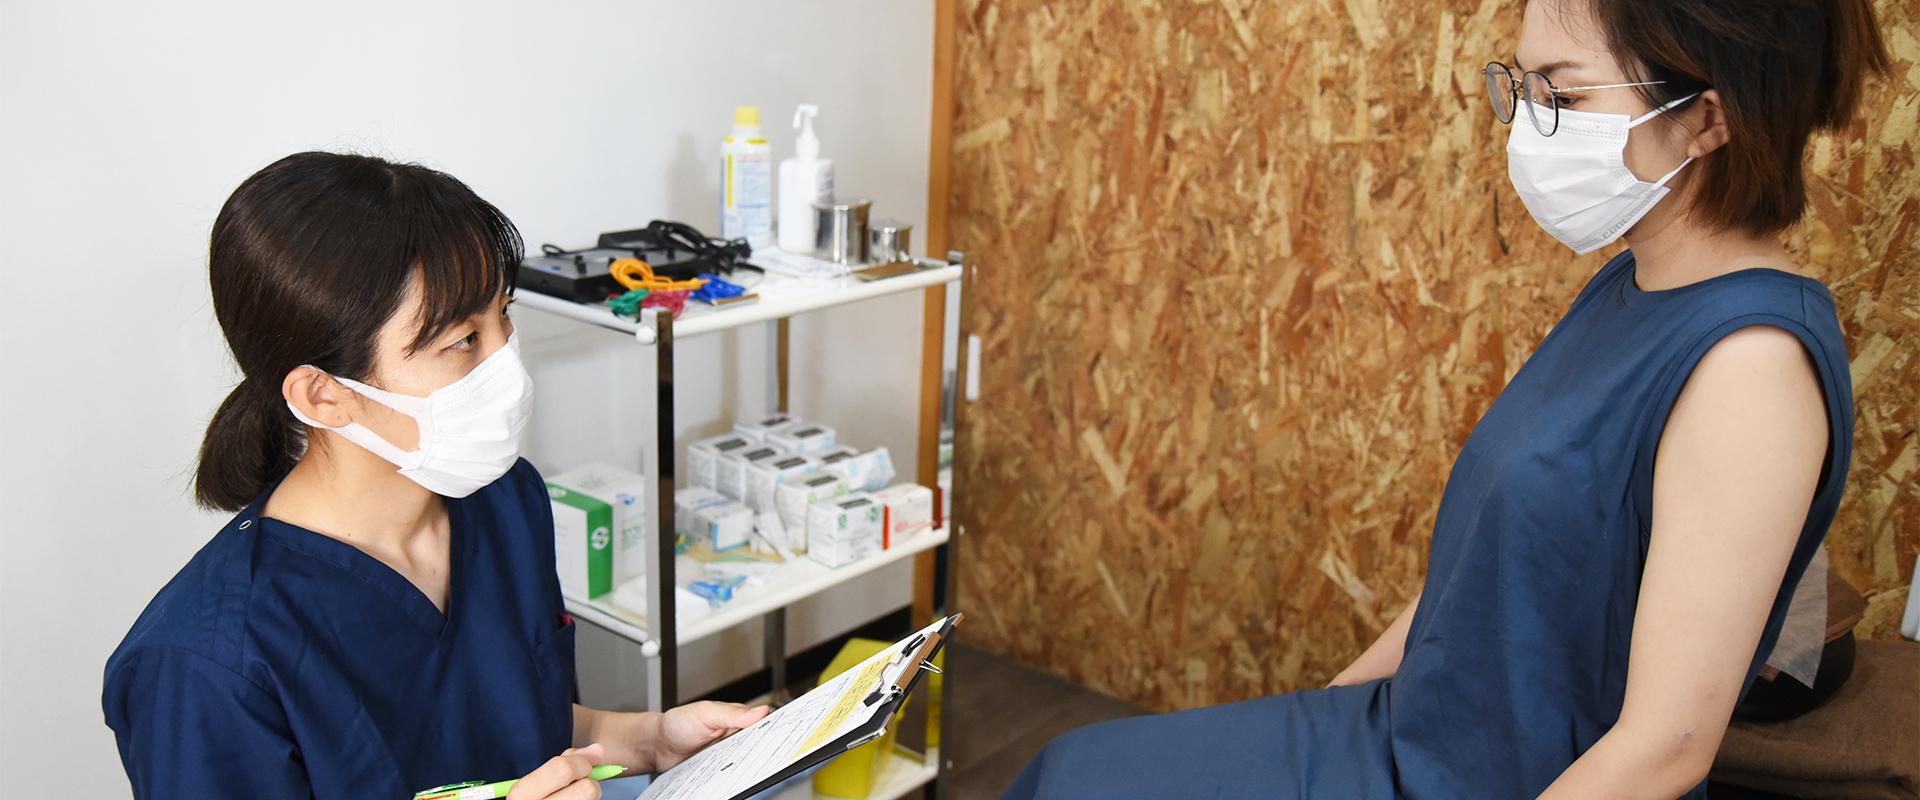 女性特有の悩みへの鍼治療